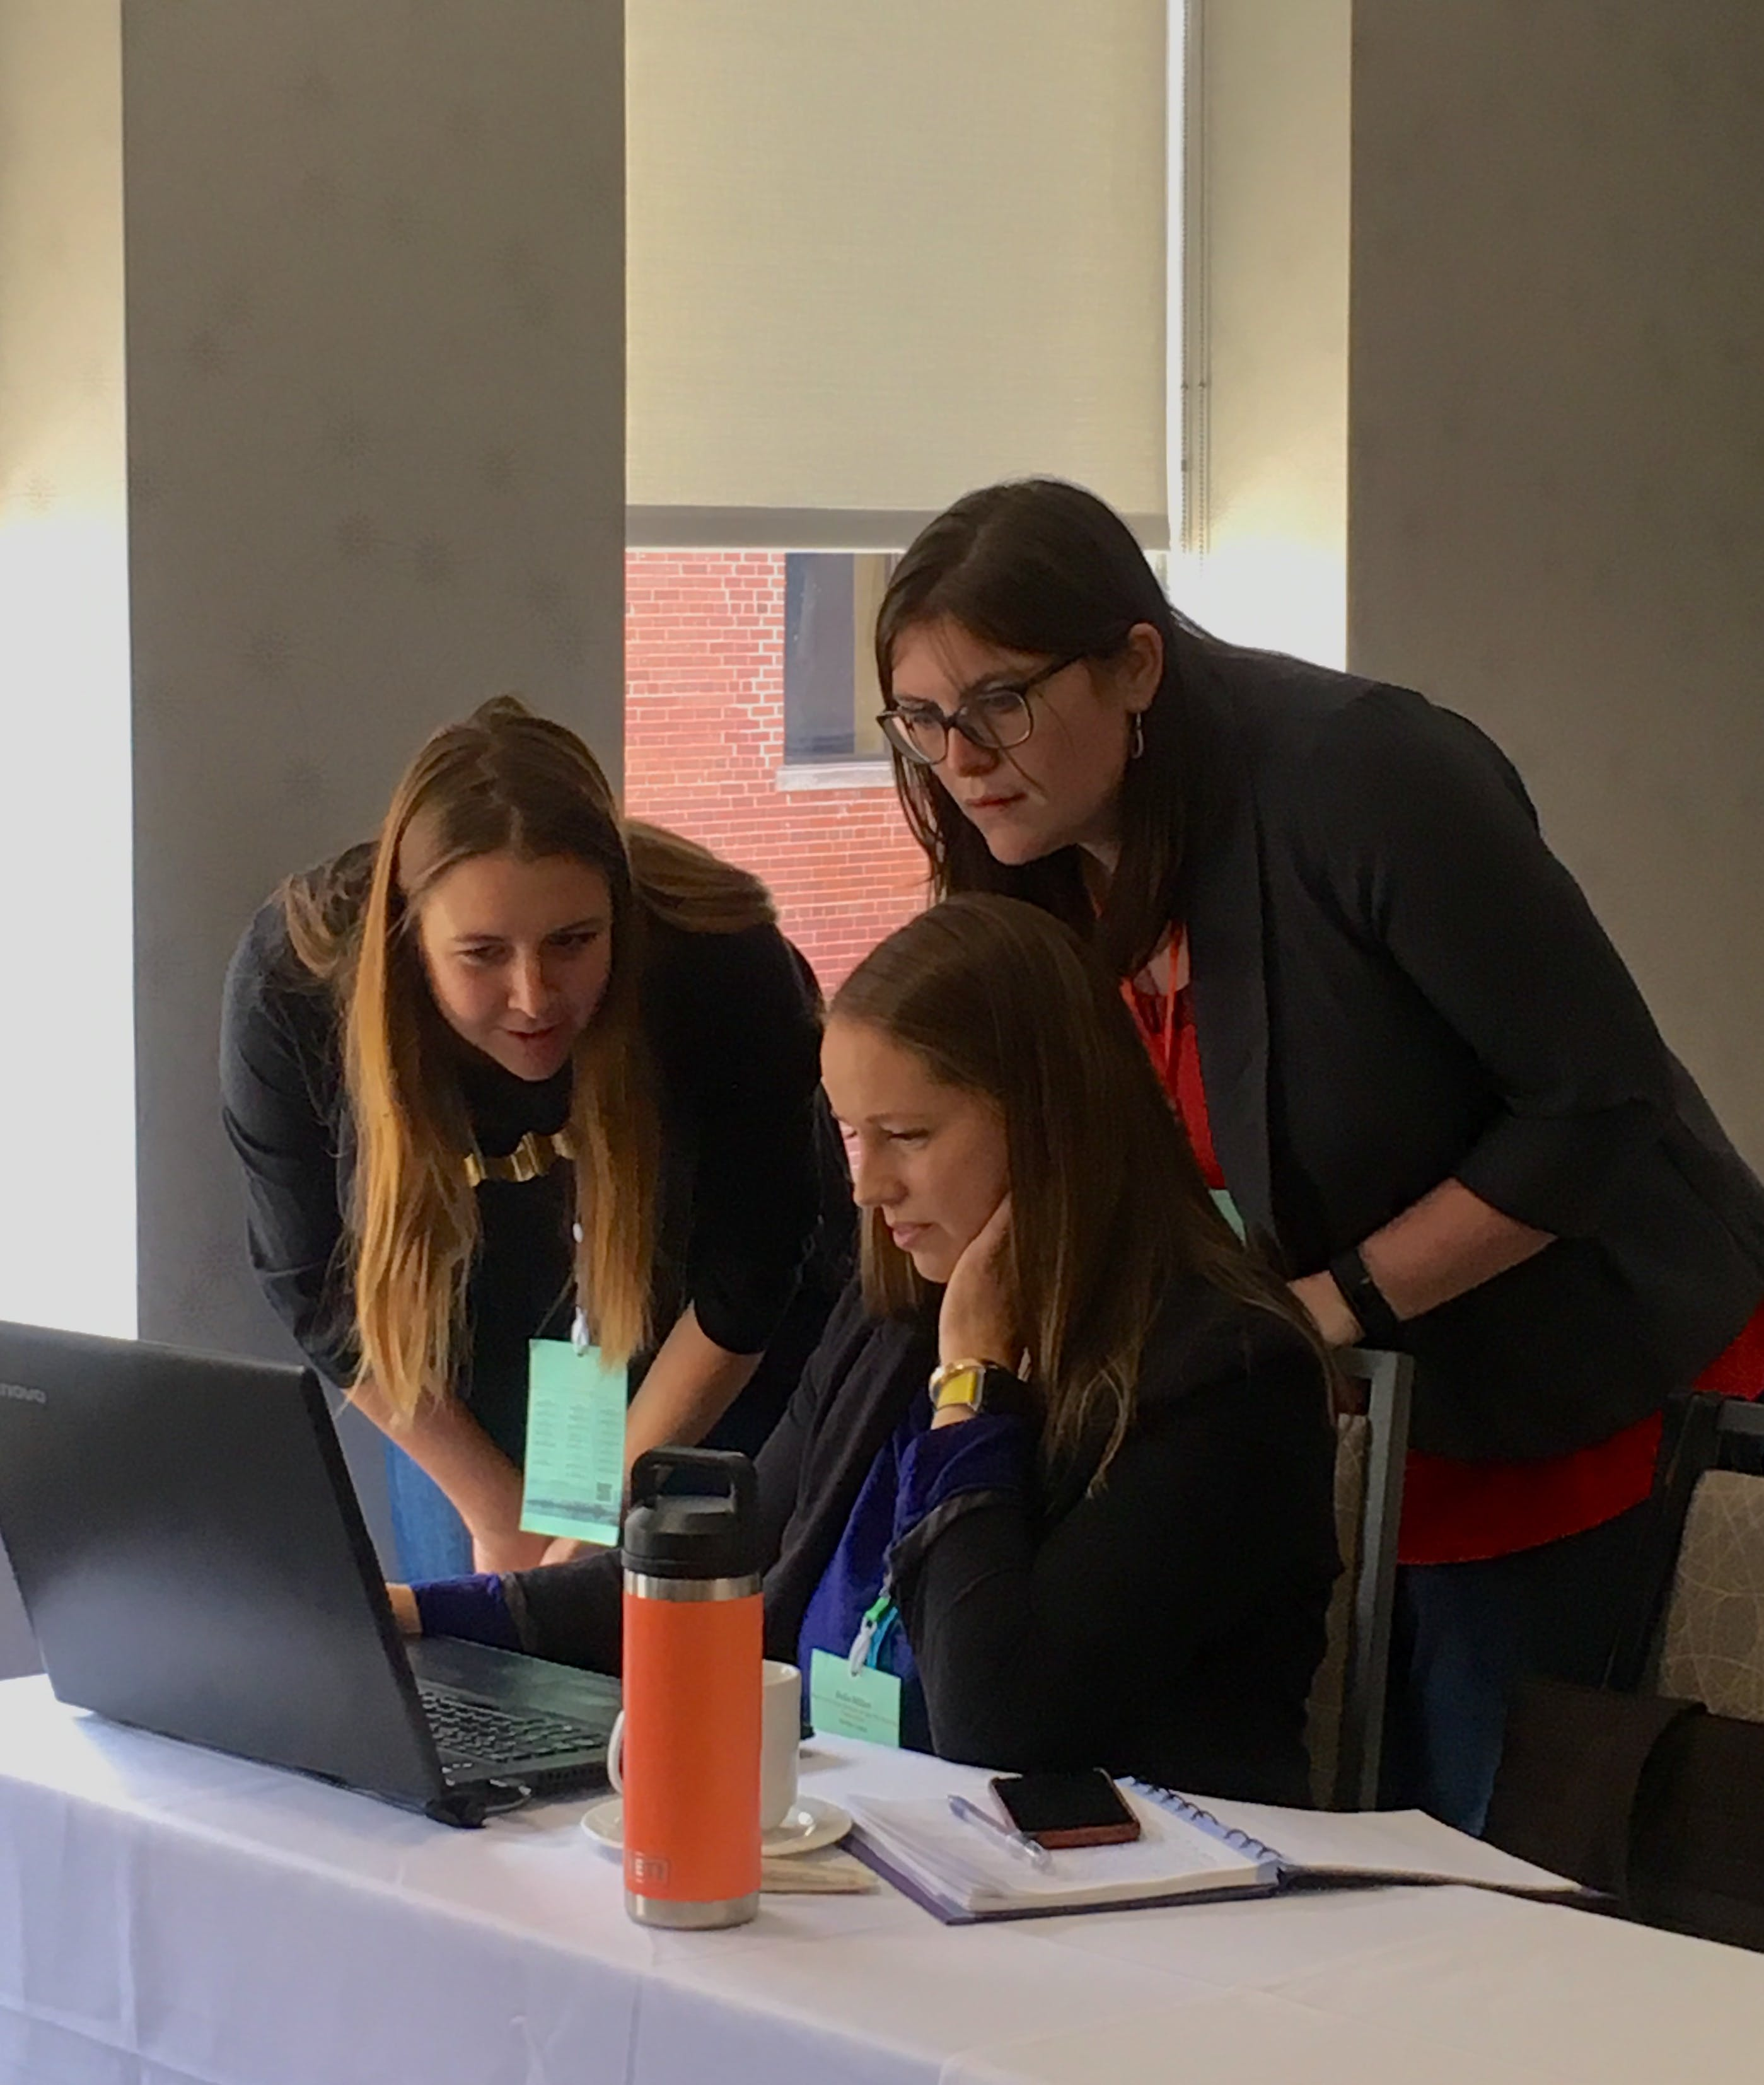 Chelsea and Emma assist a datathon participant